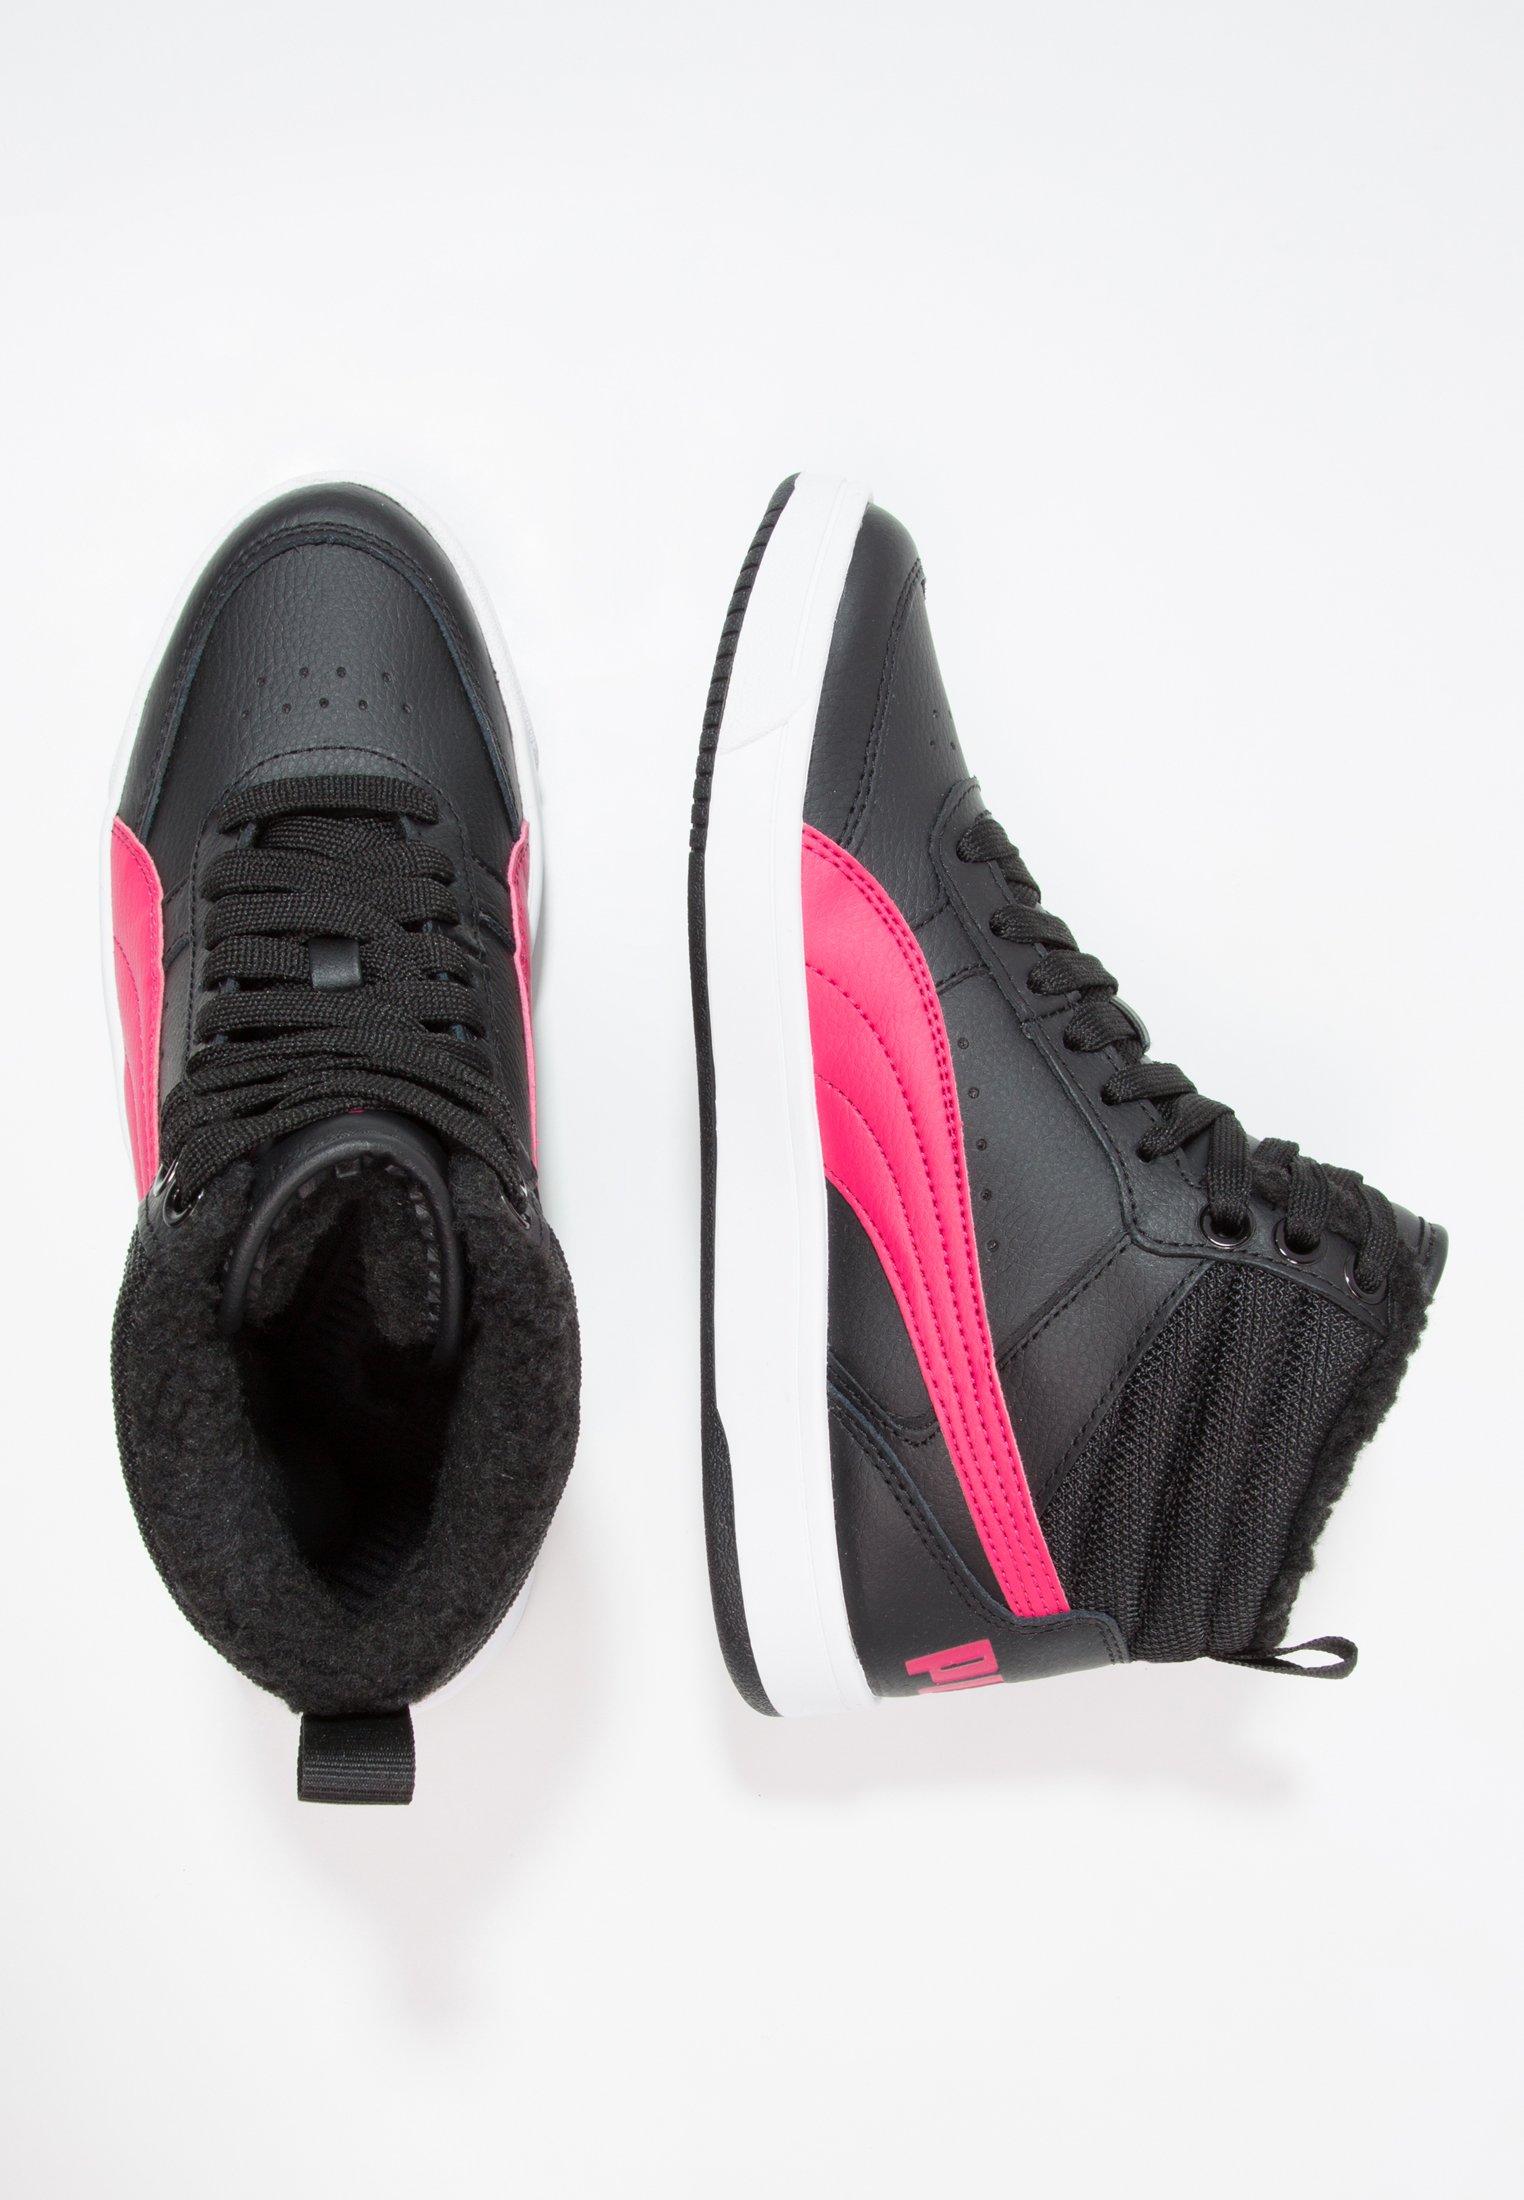 Puma Rebound street V2 Jr sneakers €19,95 @ Zalando